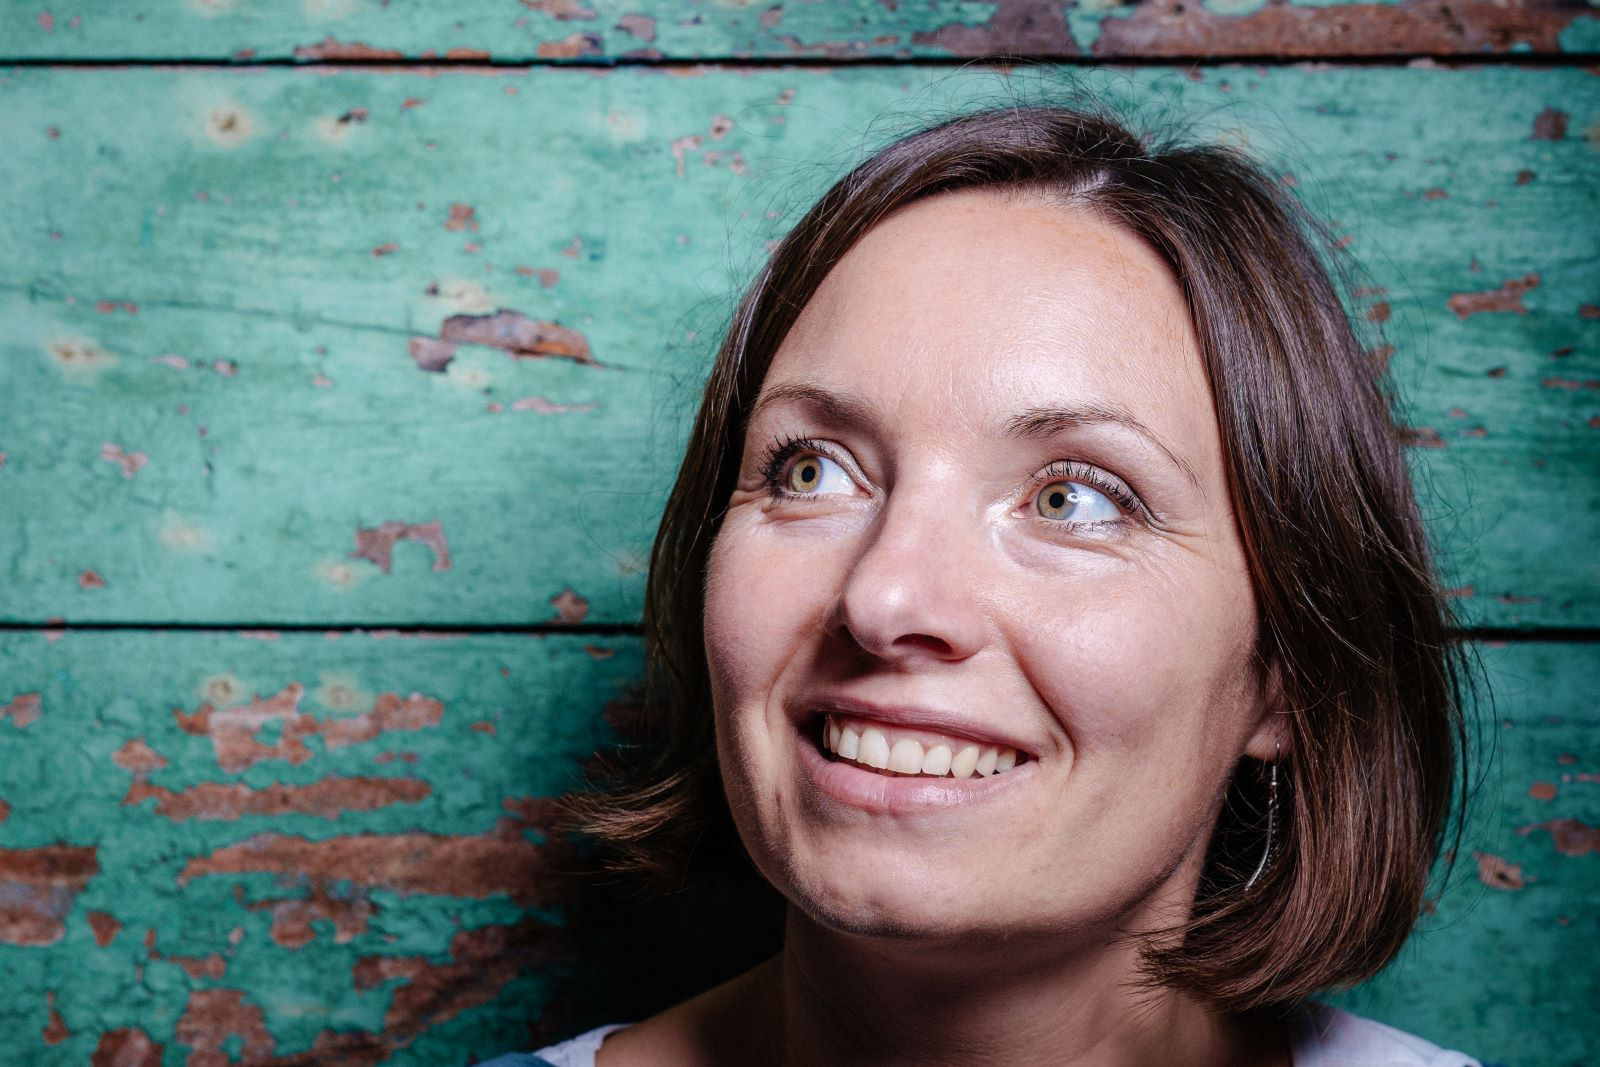 Melanie Buratto - So arbeiten wir zusammen